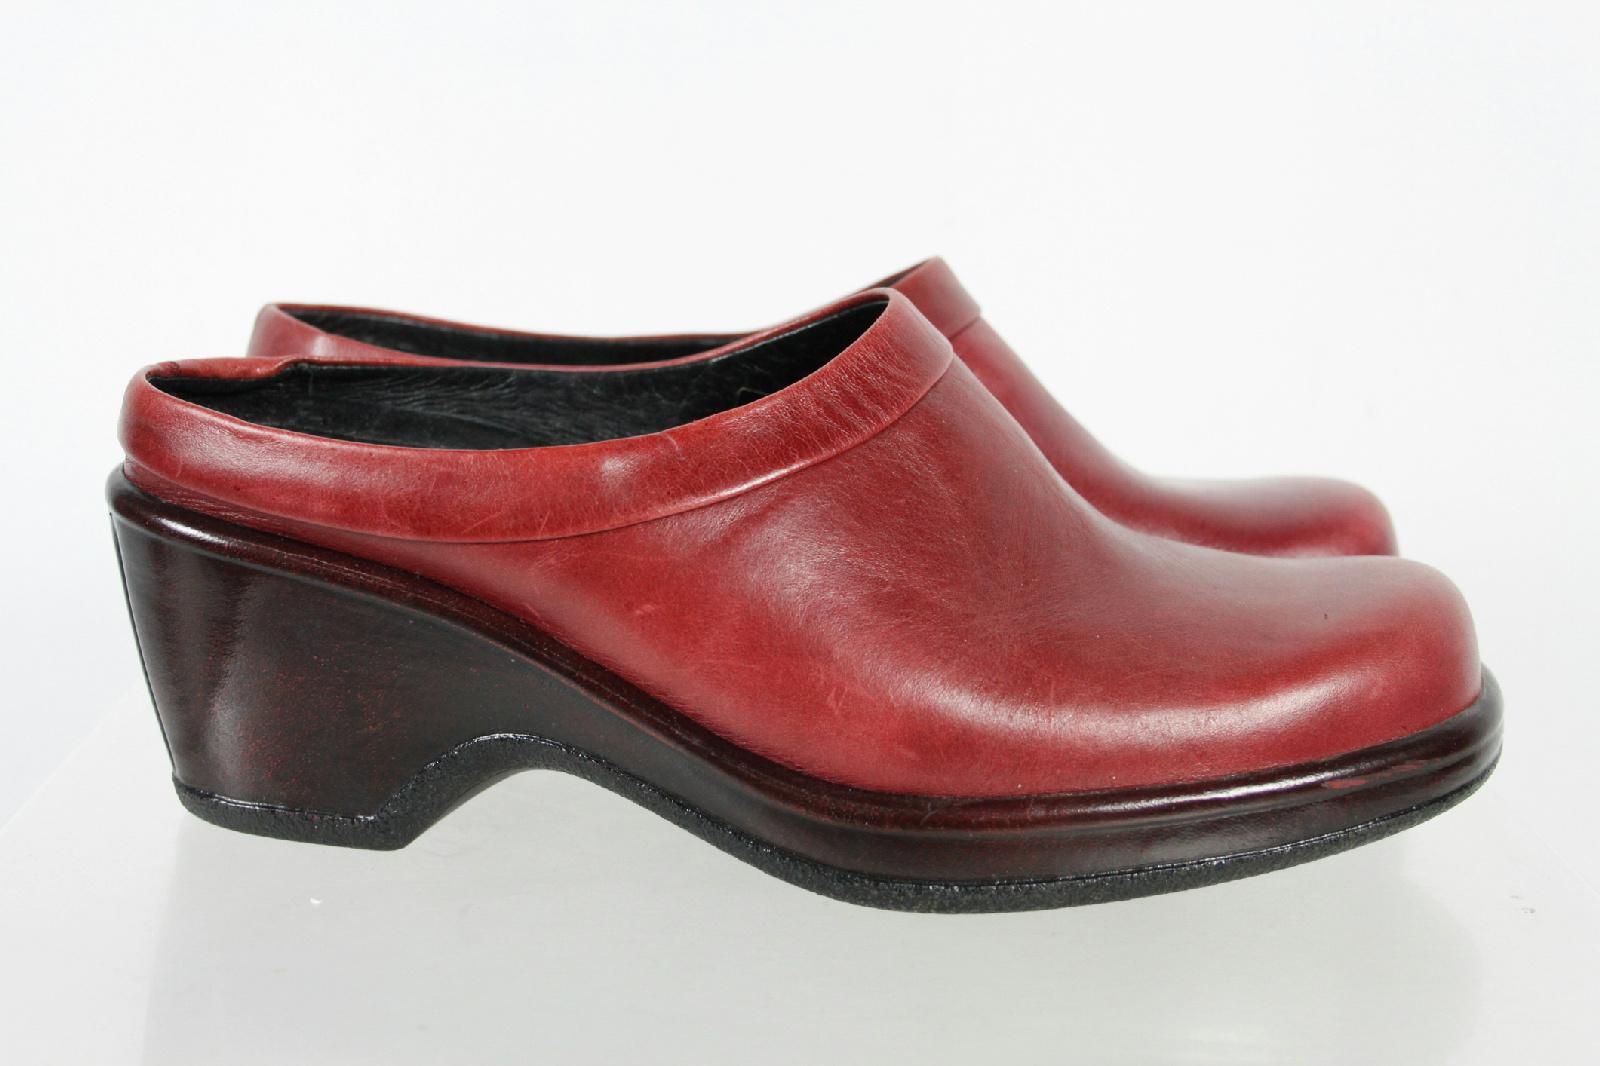 dansko black slip on sole clogs shoes size 38 ebay